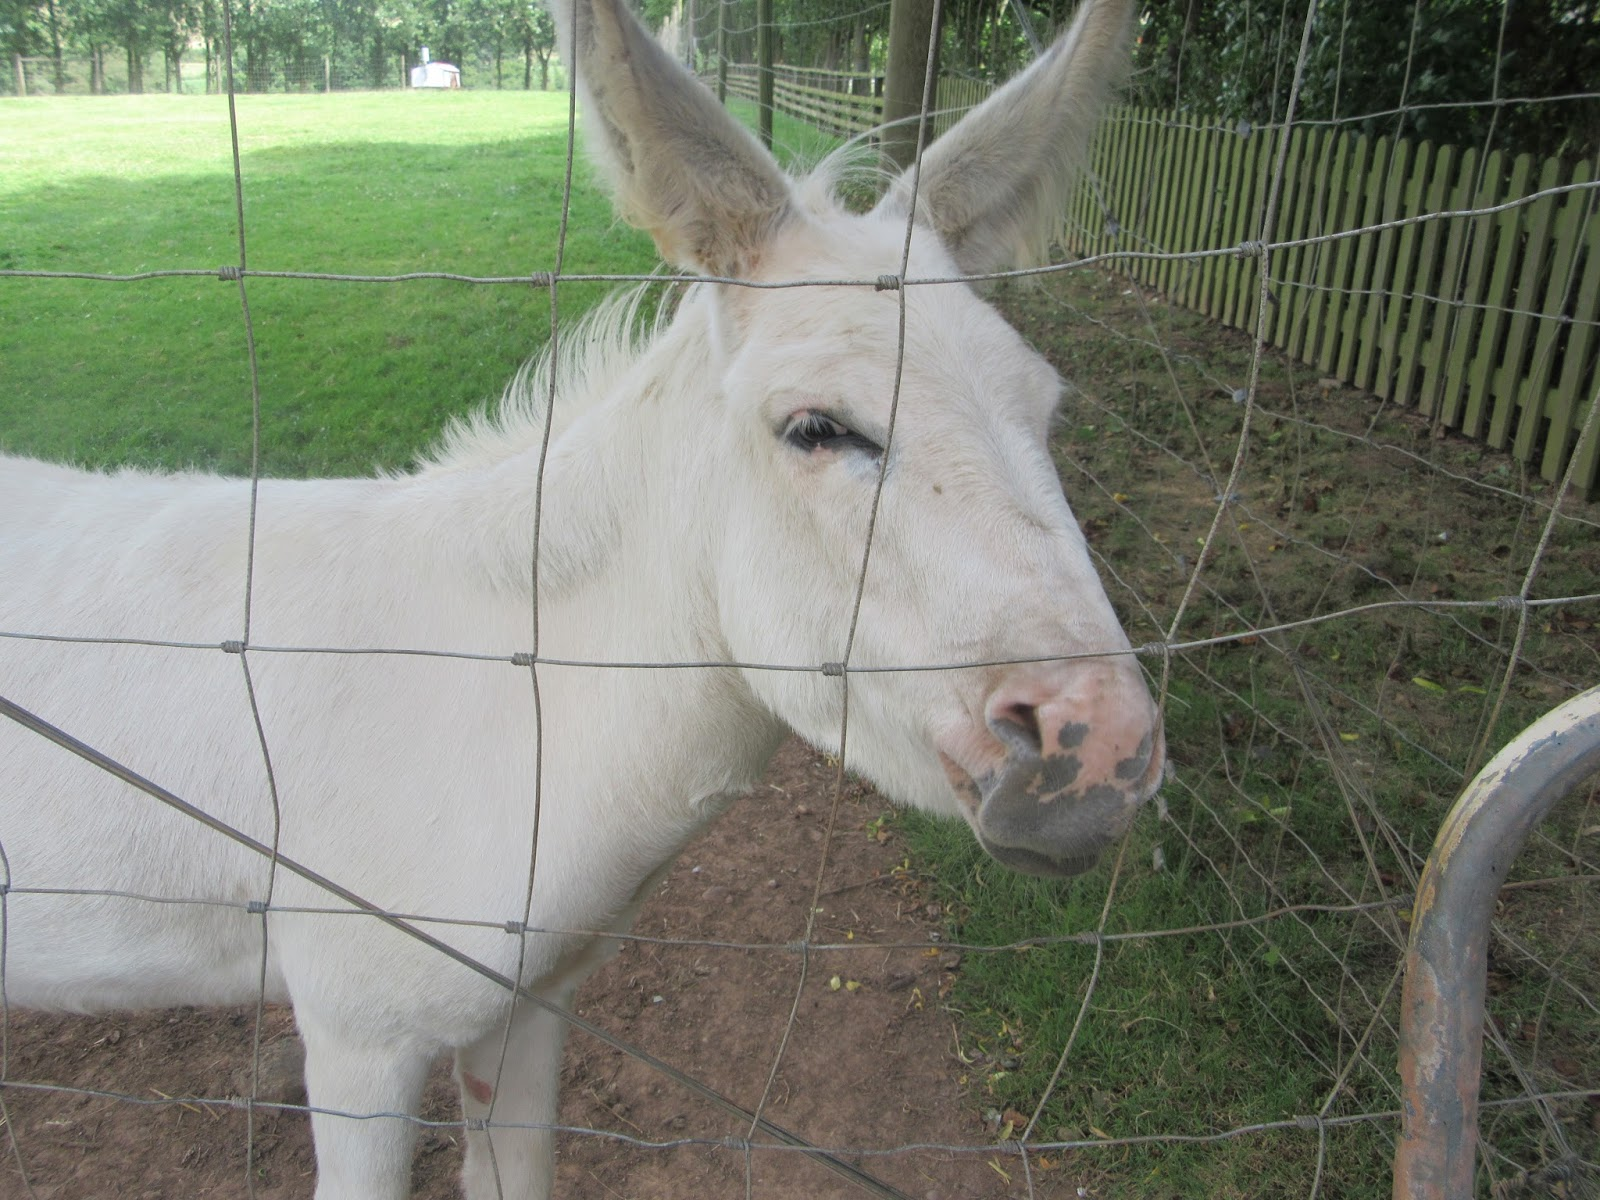 A majestic white donkey